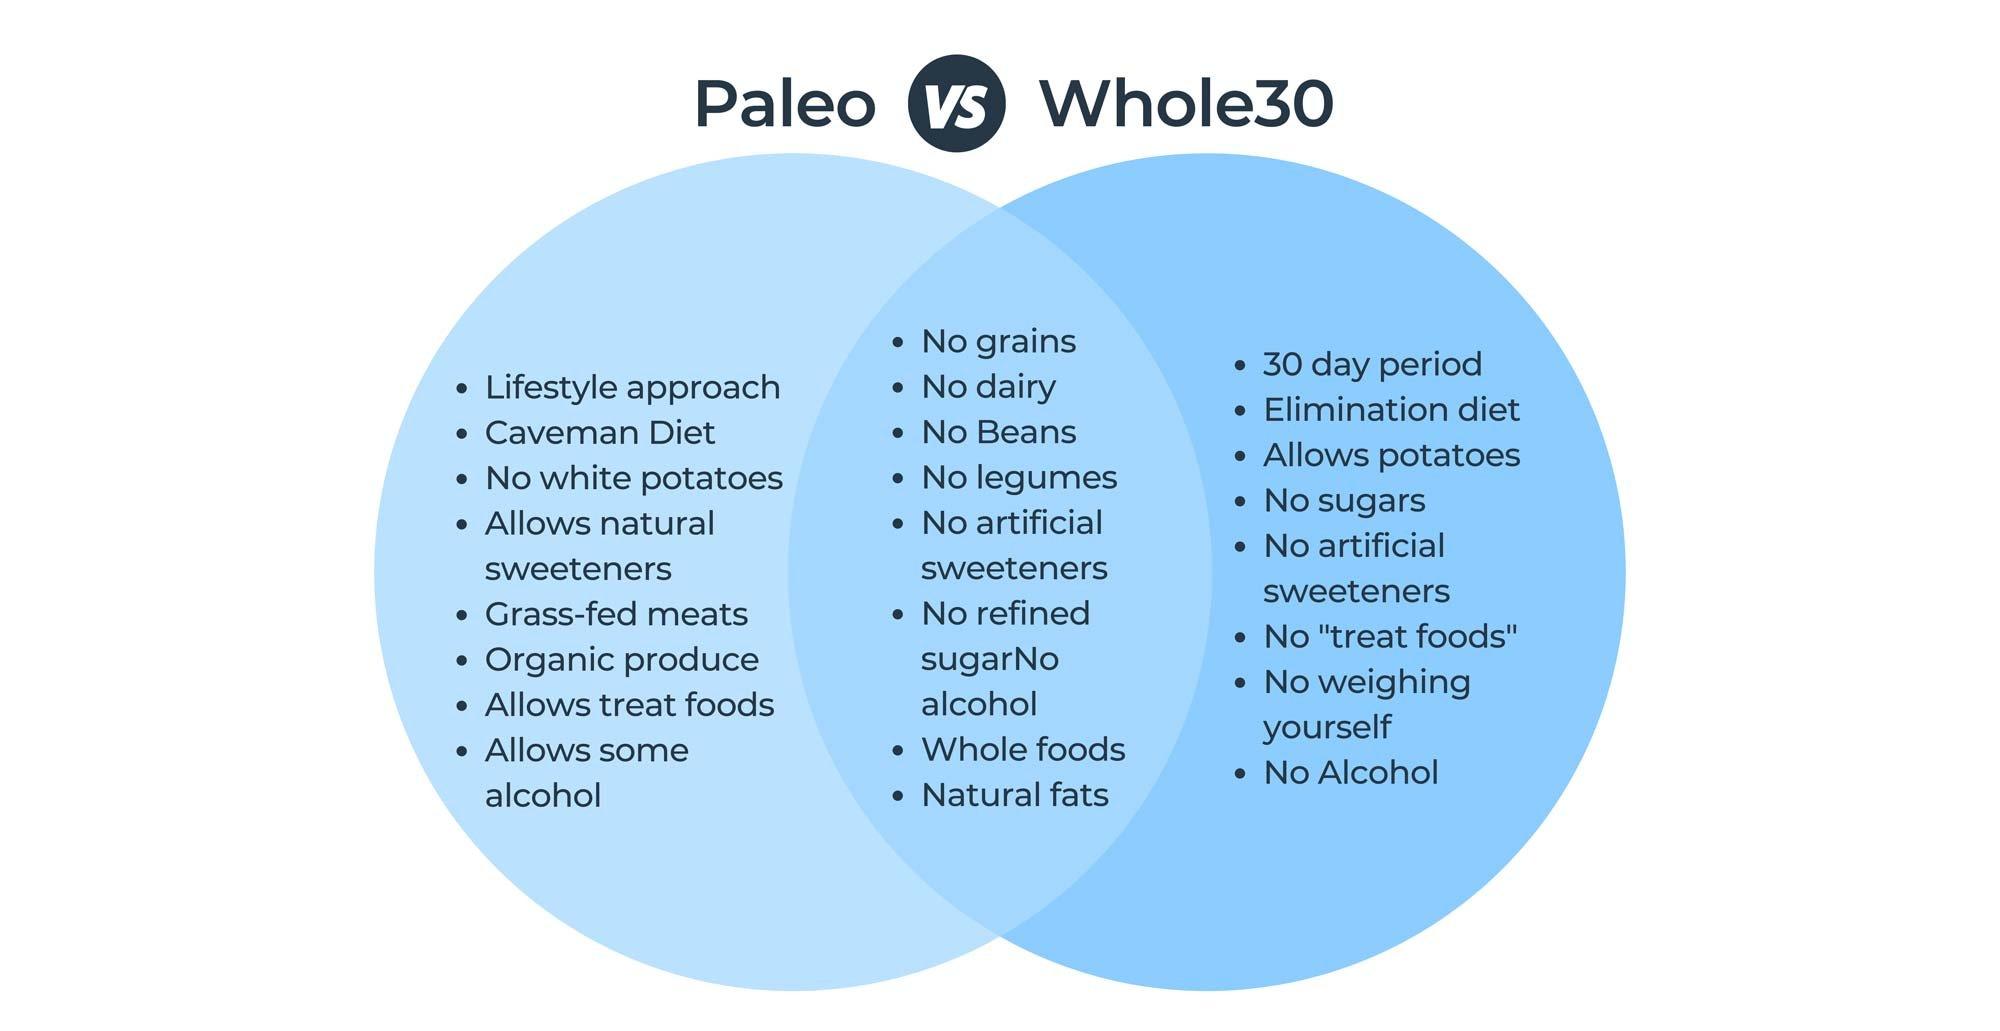 Paleo vs whole30 diet comparison